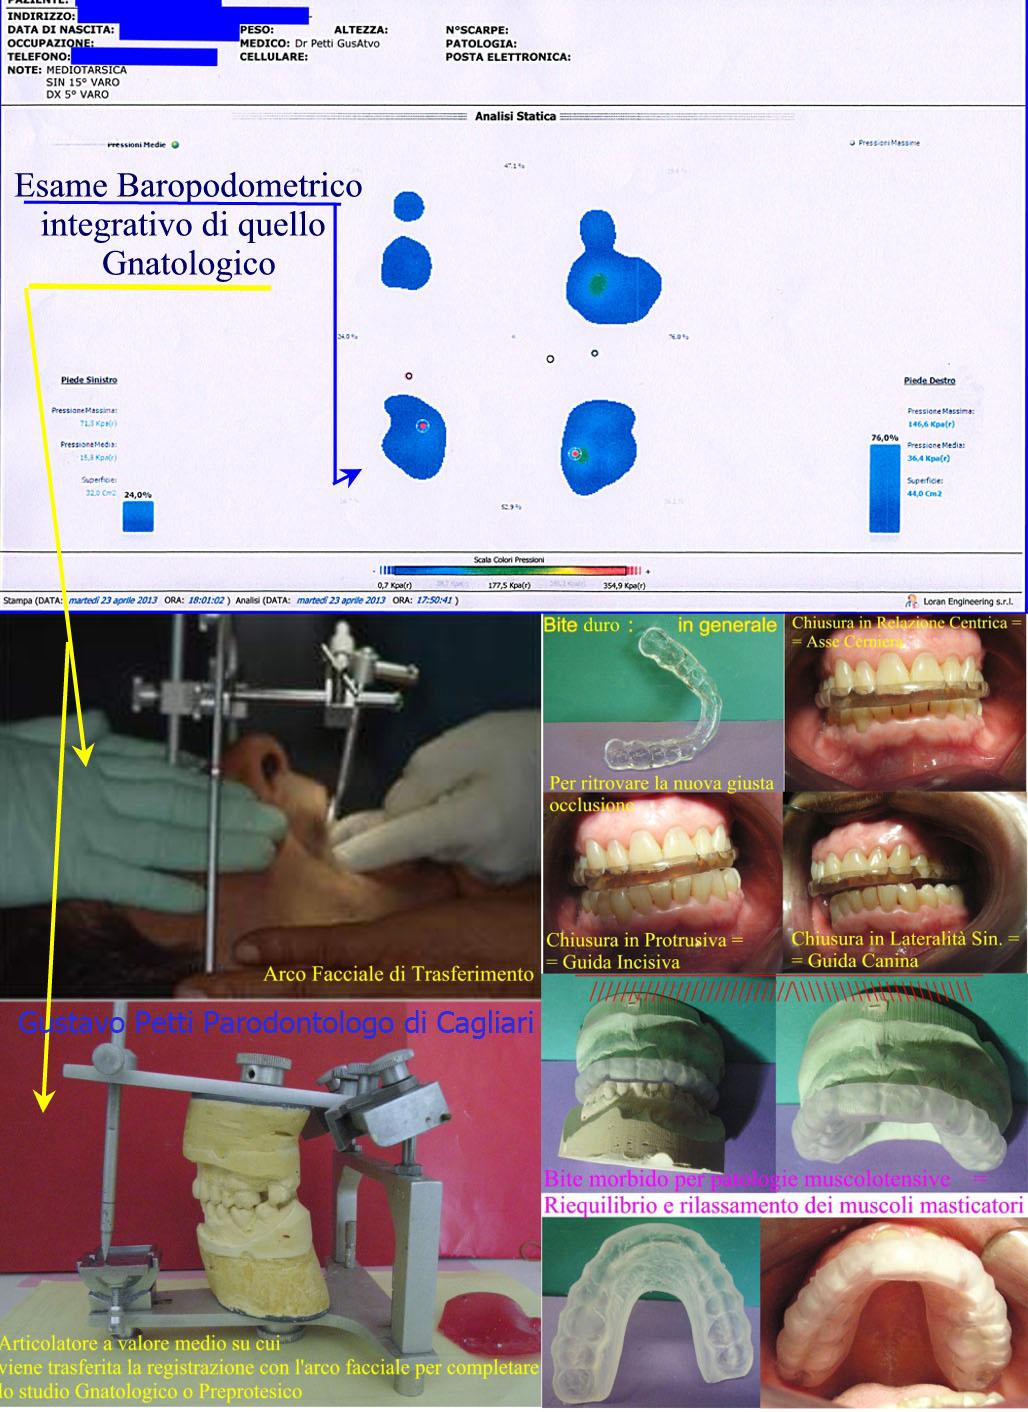 gnatologia-dr-g.petti-cagliari-111.jpg